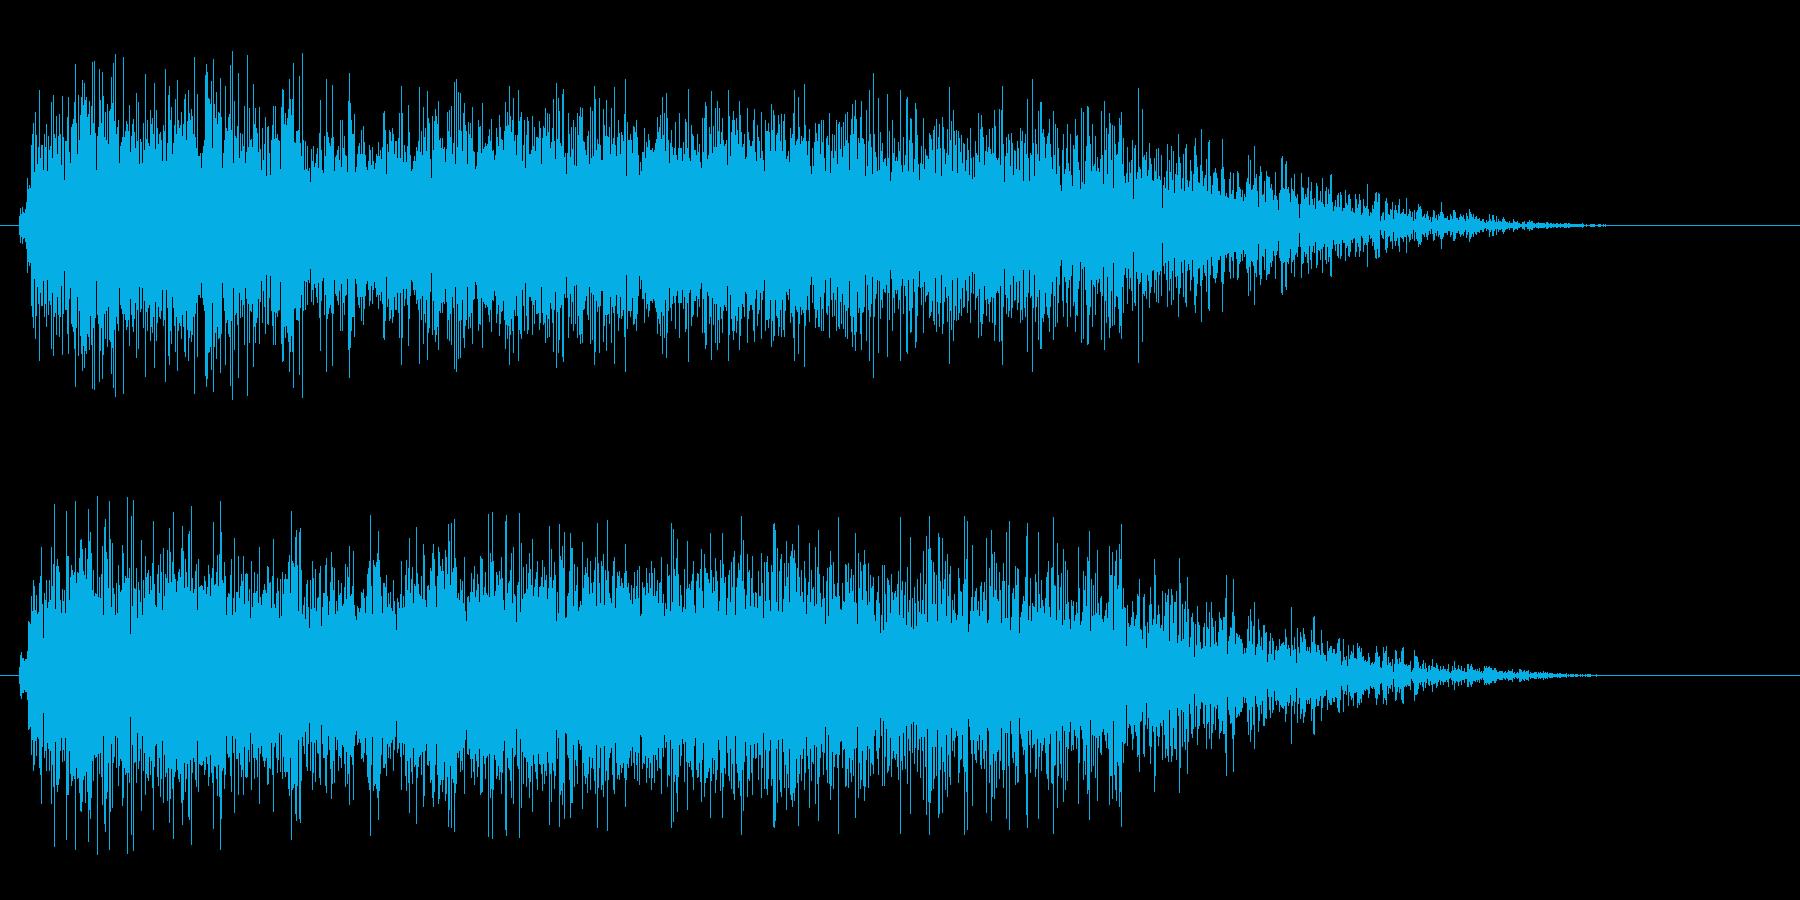 レーザービーム発射(クリアー・高音)の再生済みの波形